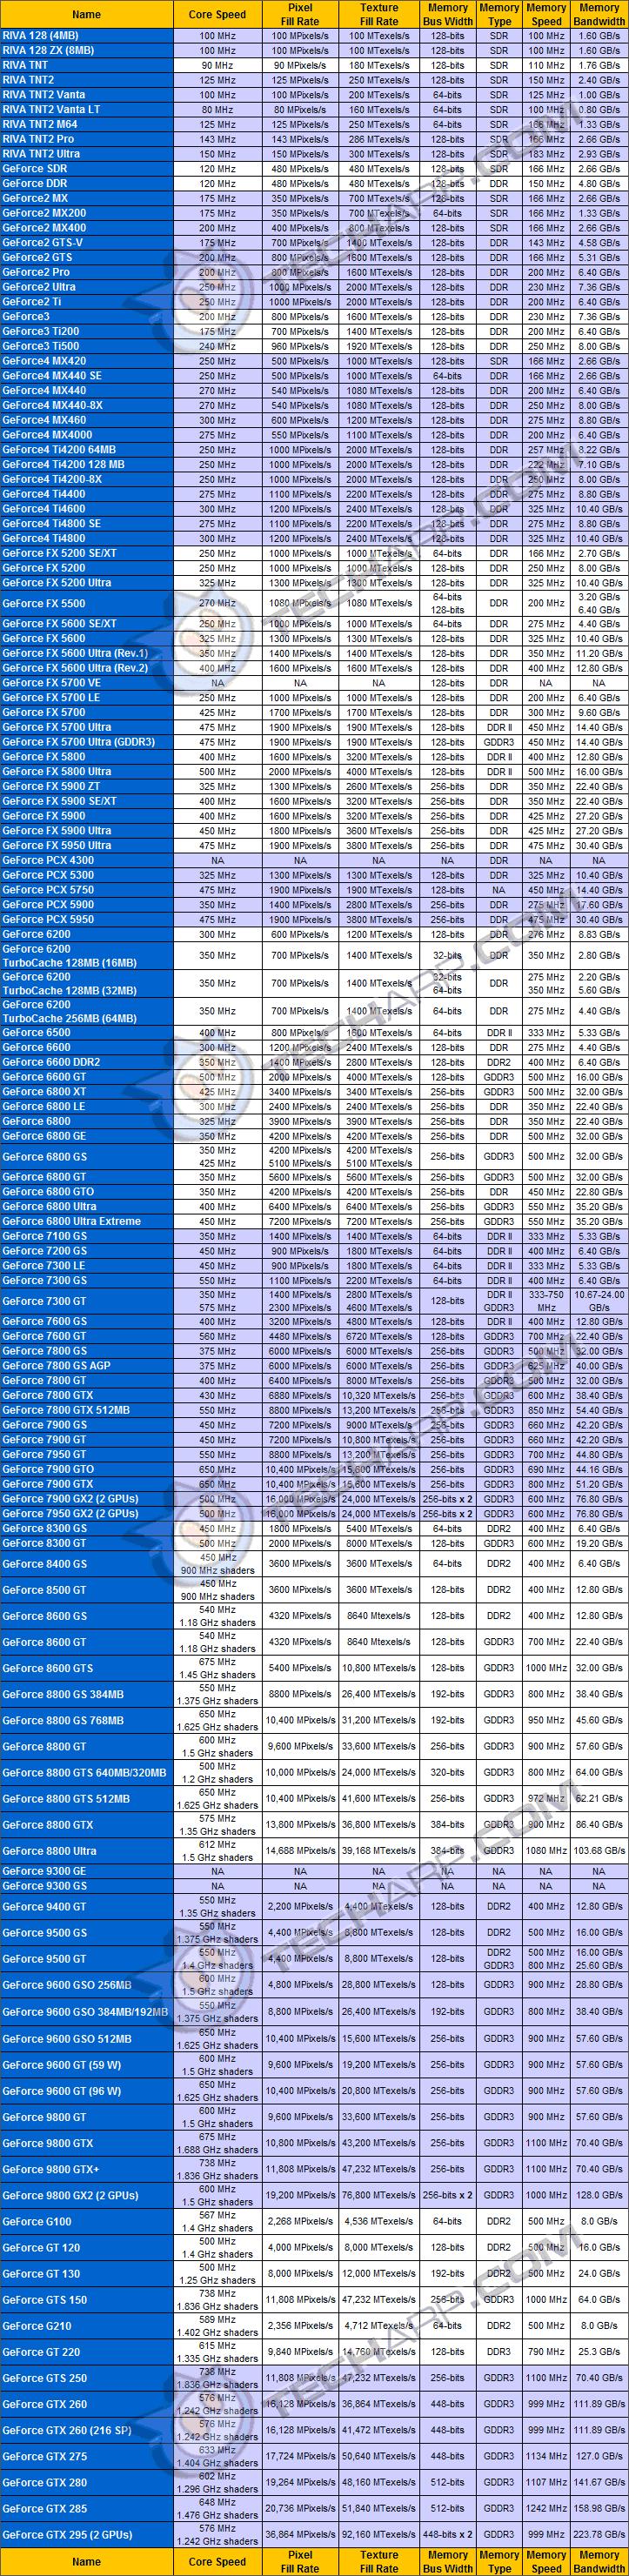 NVIDIA GPU Performance지